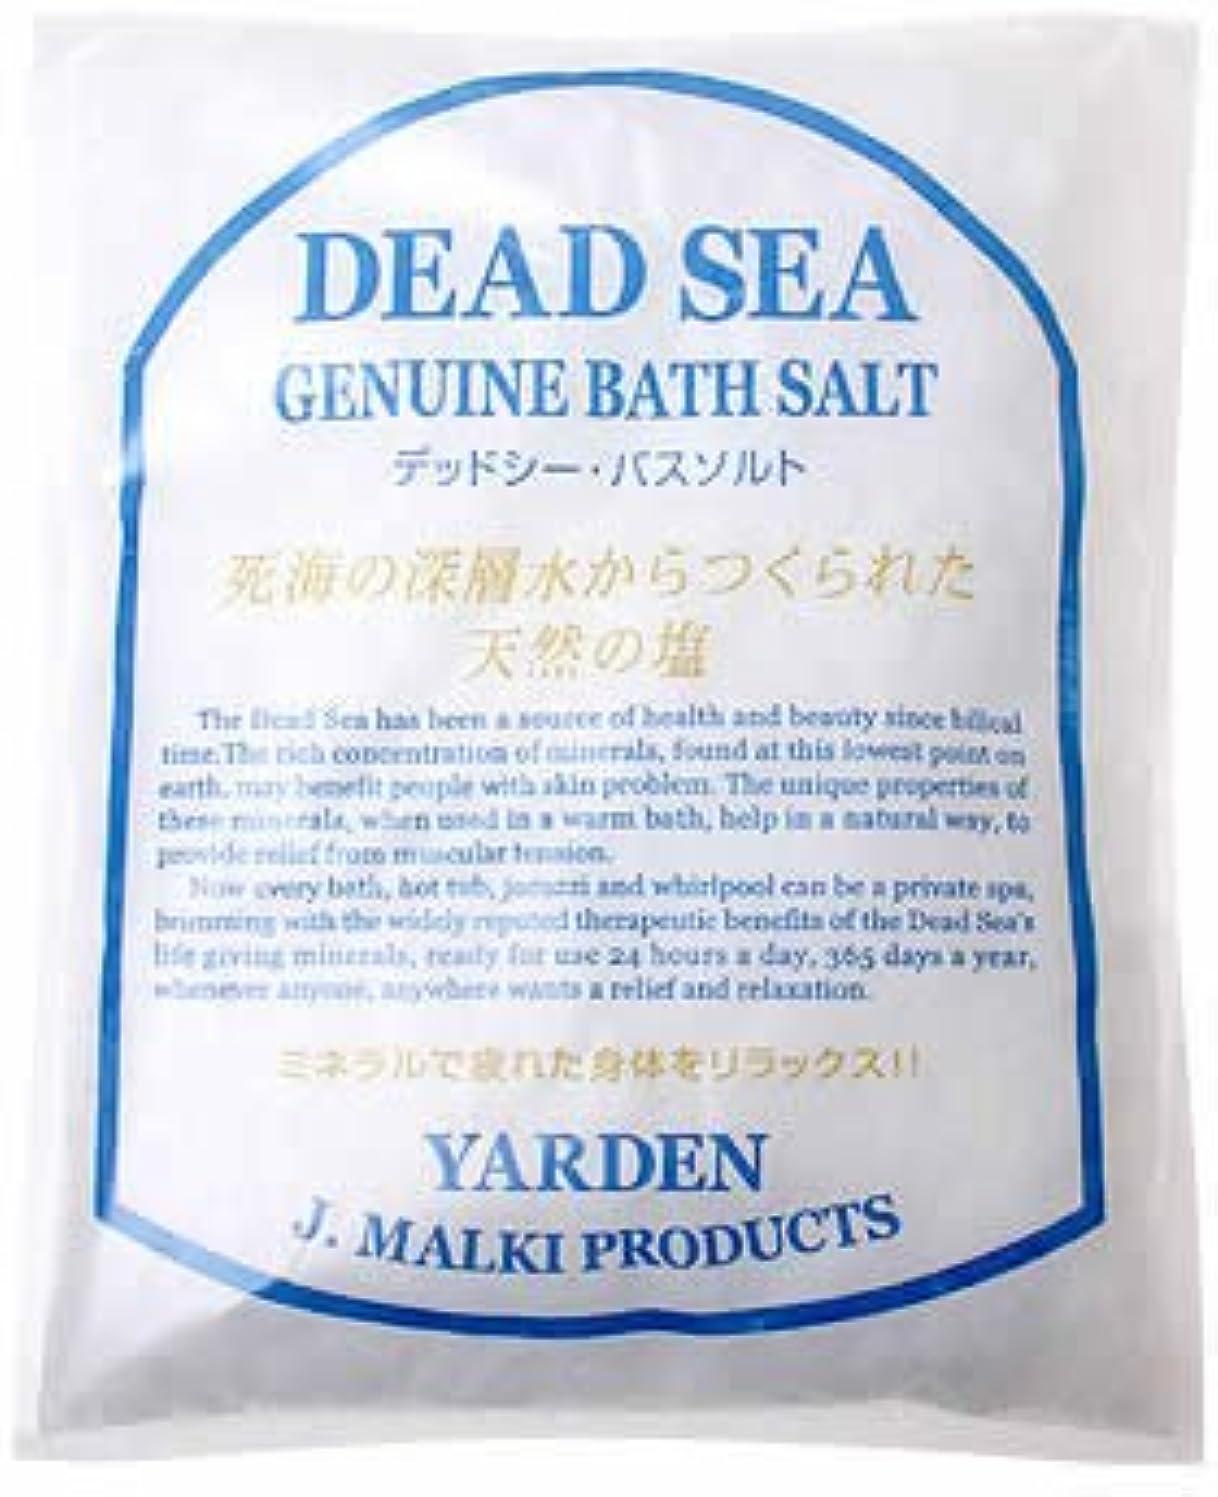 有能な満足伝染性のJ.M デッドシー?バスソルト(GENUINE BATH SALT) 100g